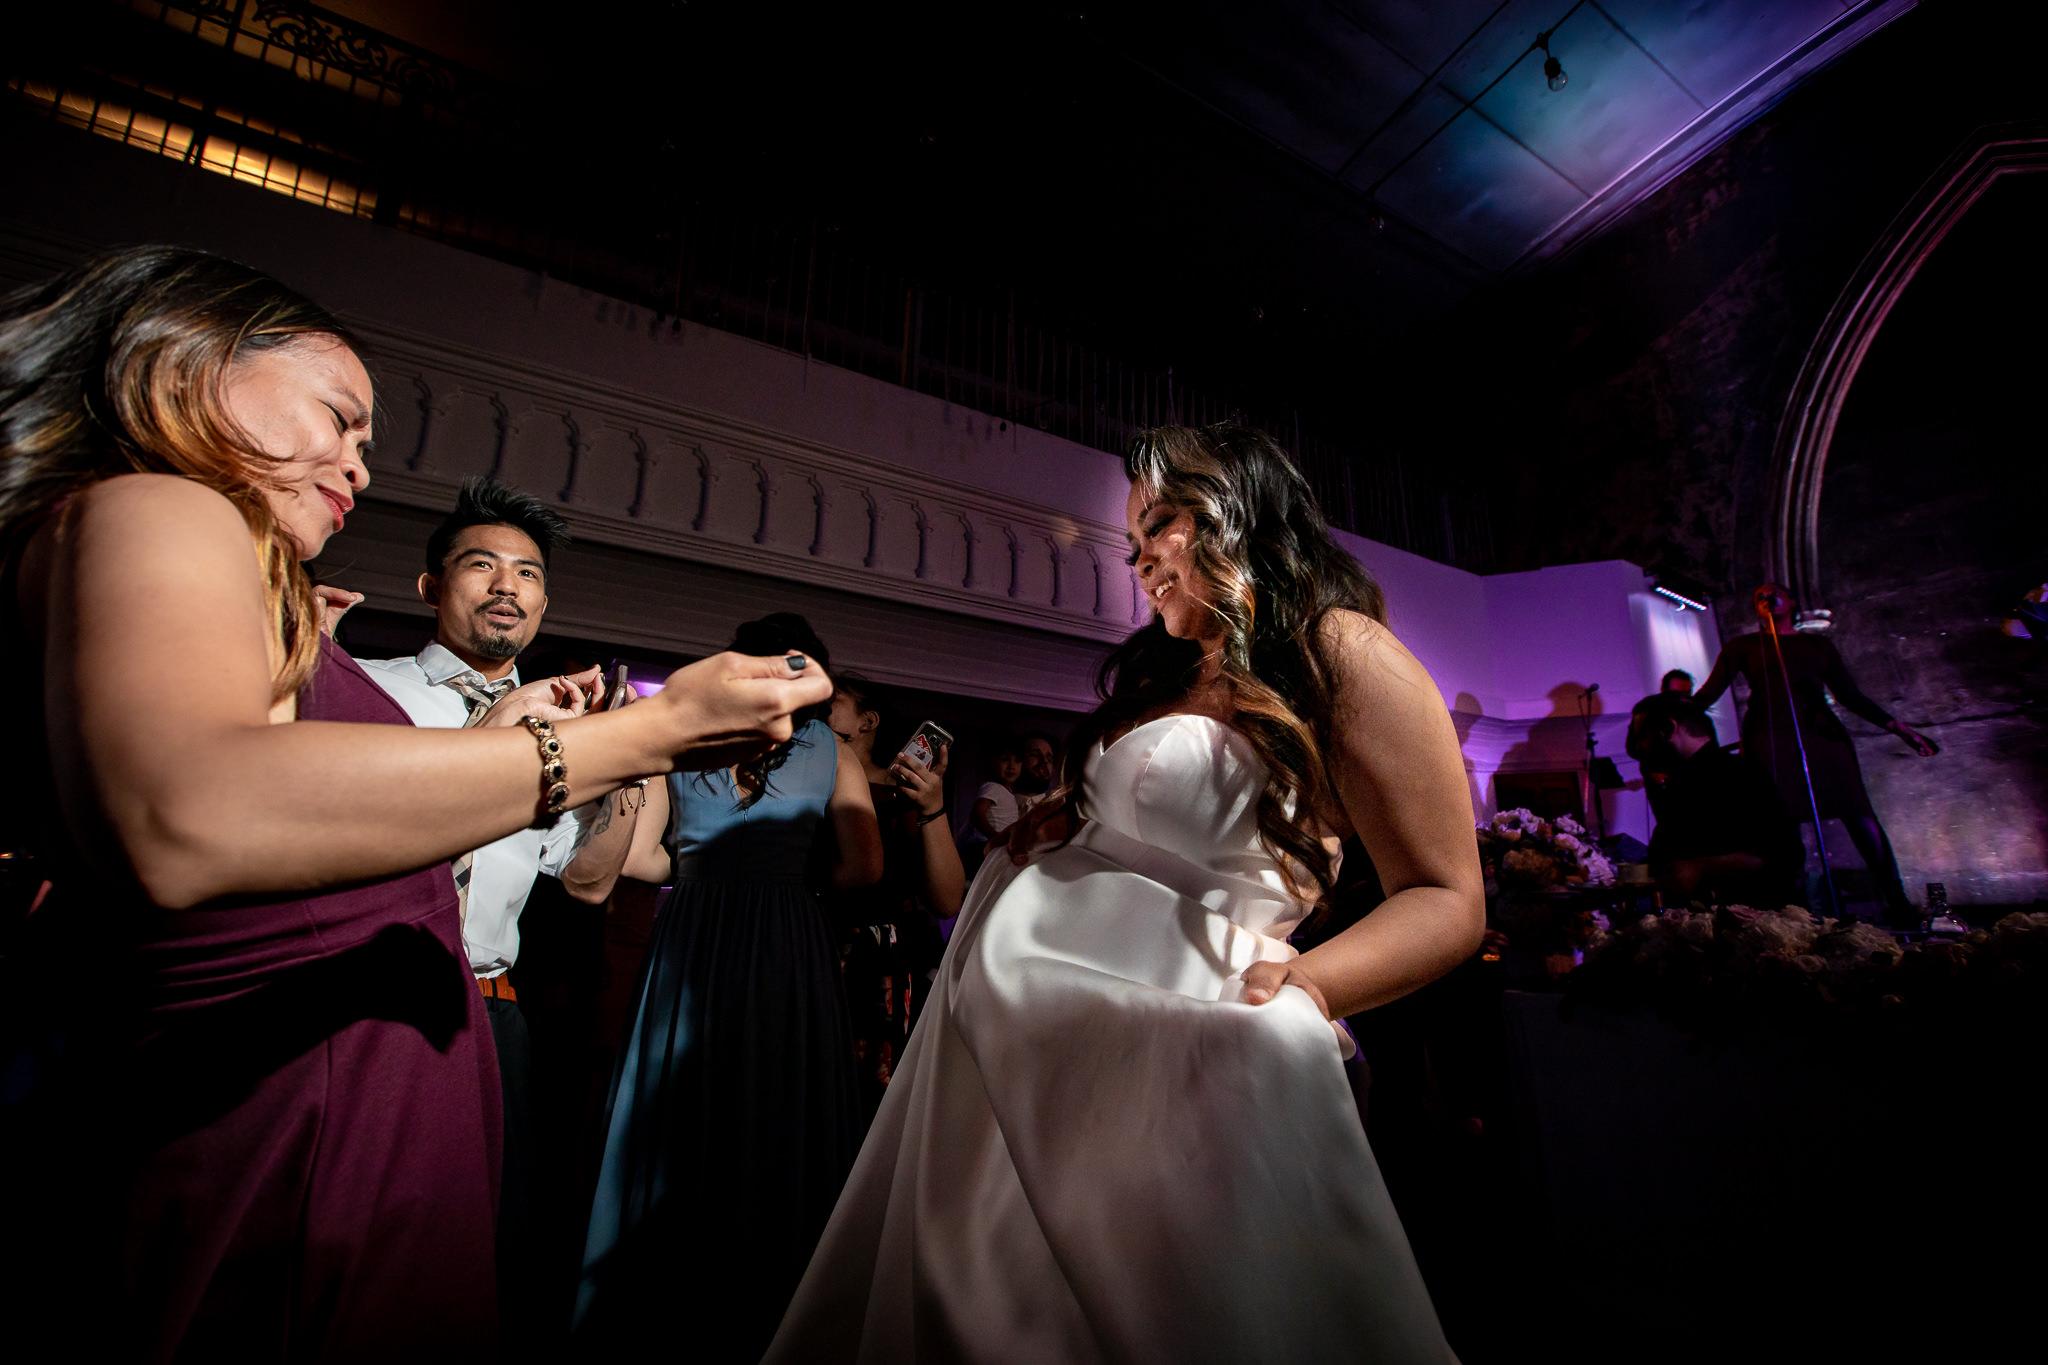 berkeley-wedding-photos-76.jpg